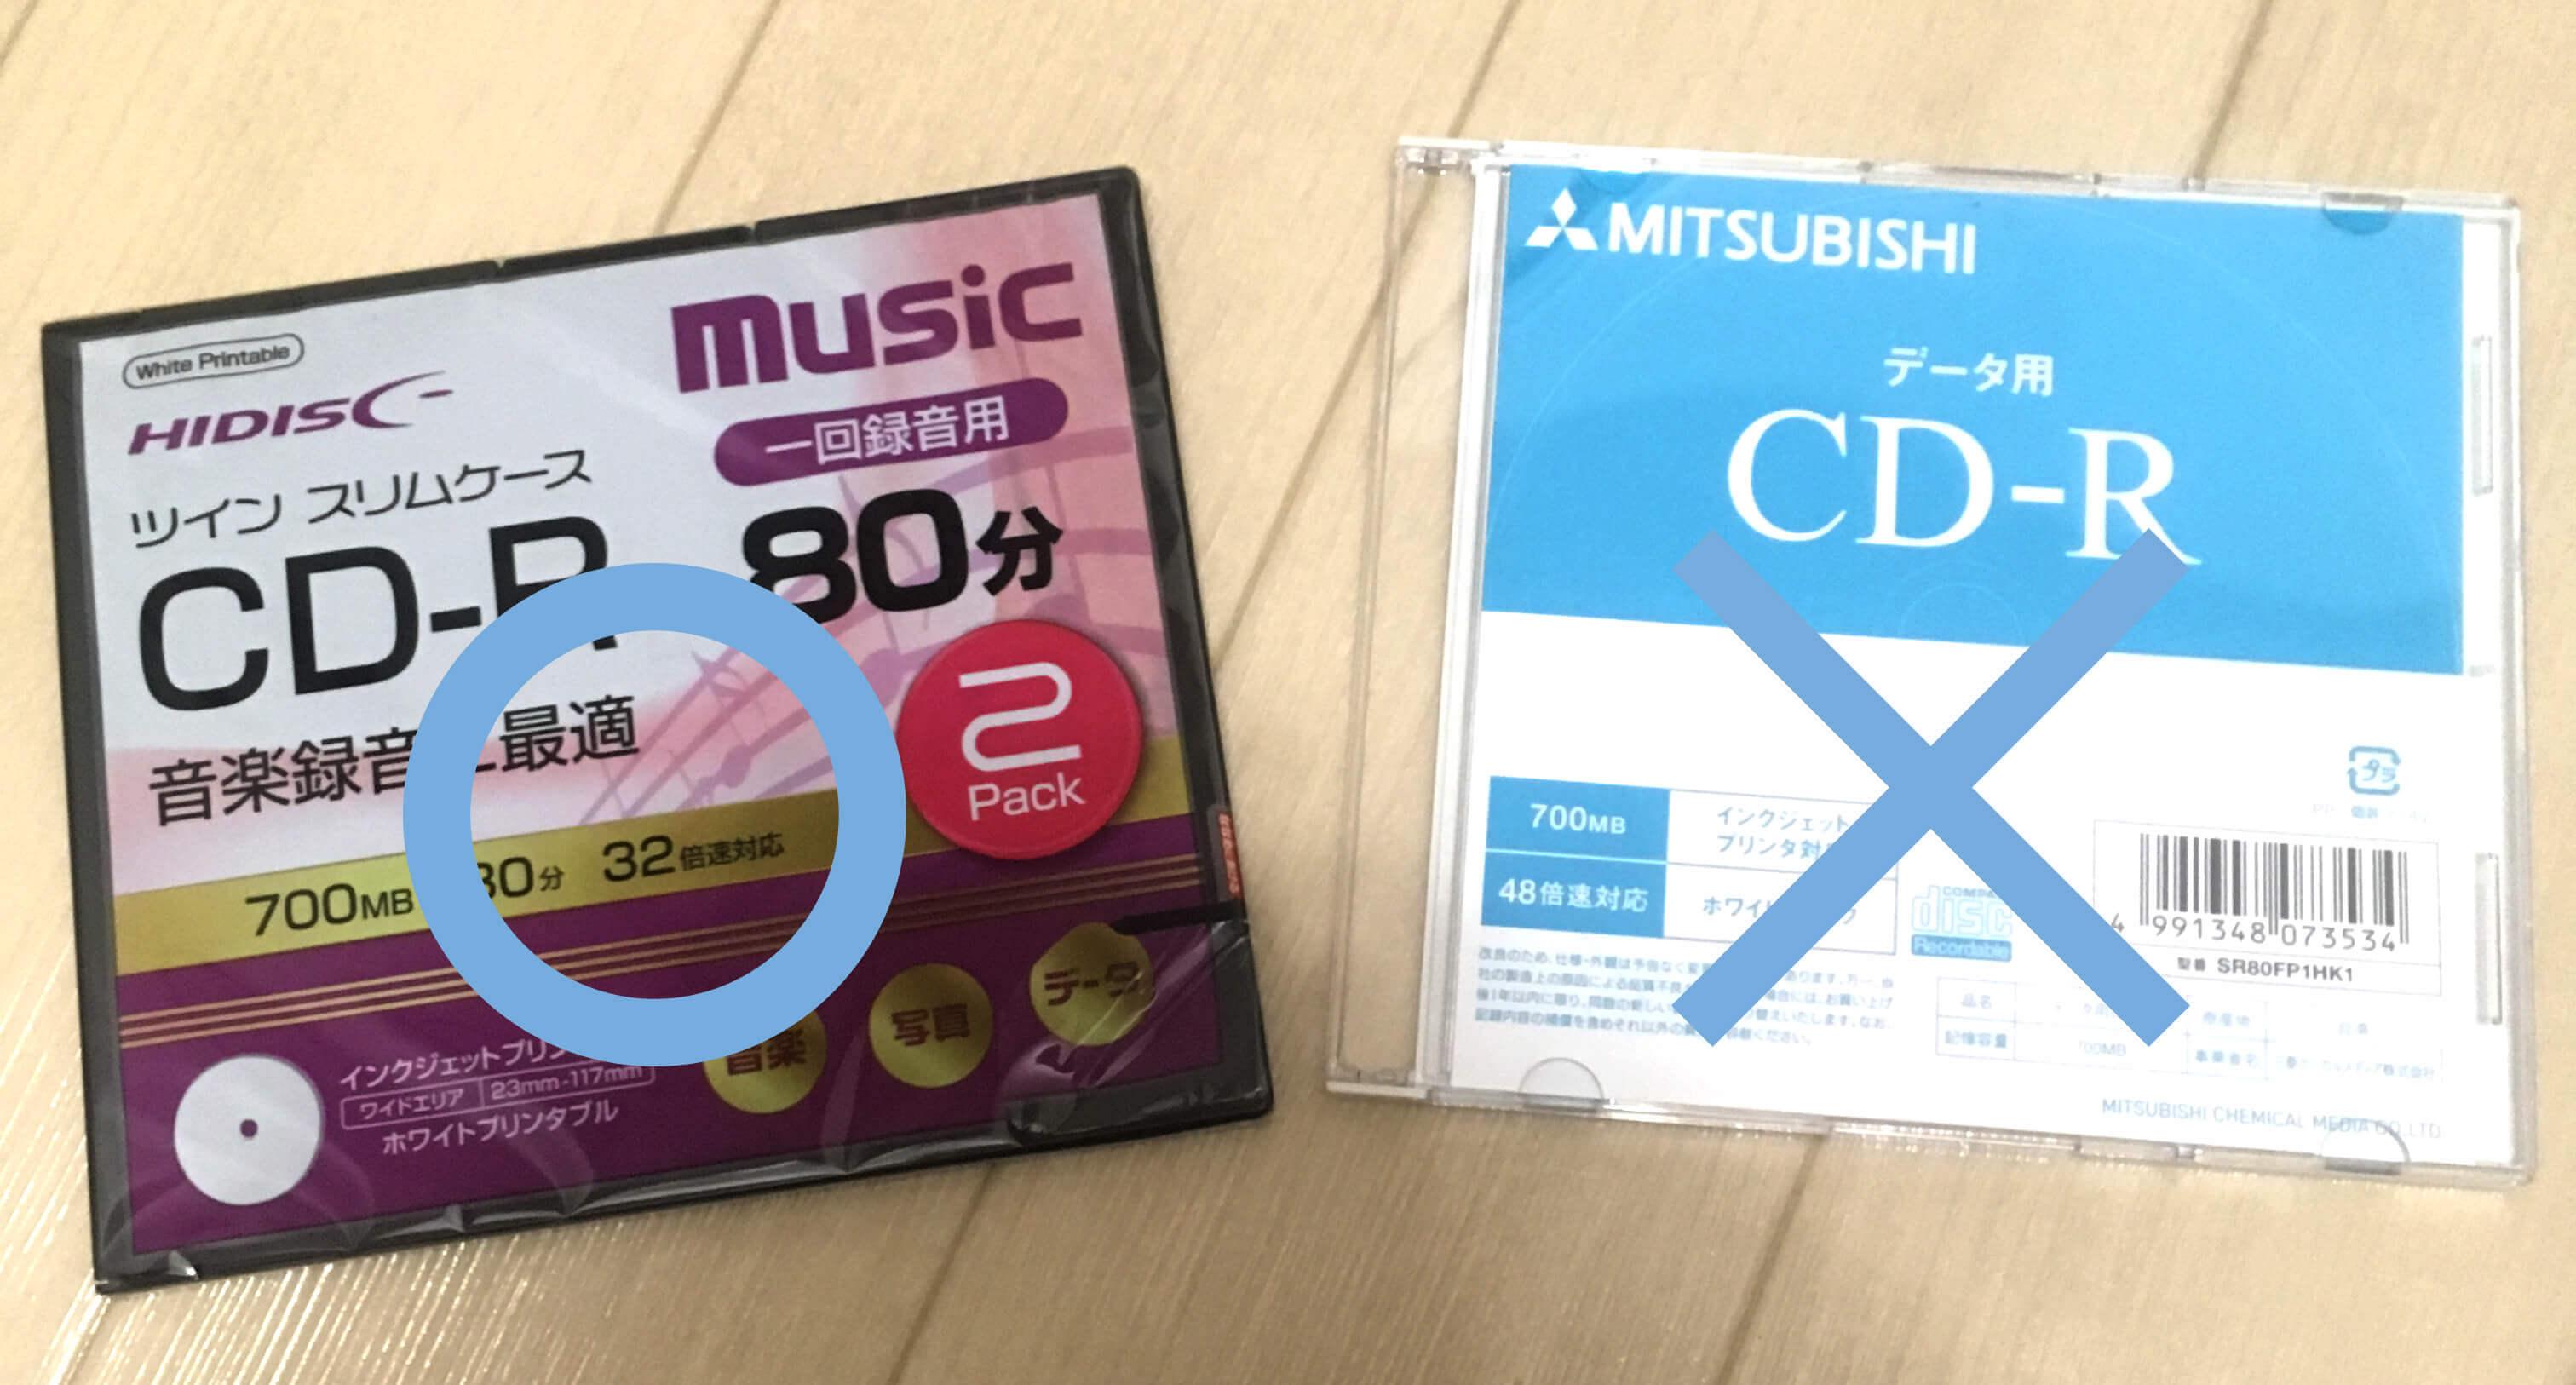 CD-Rが2つ写っている画像